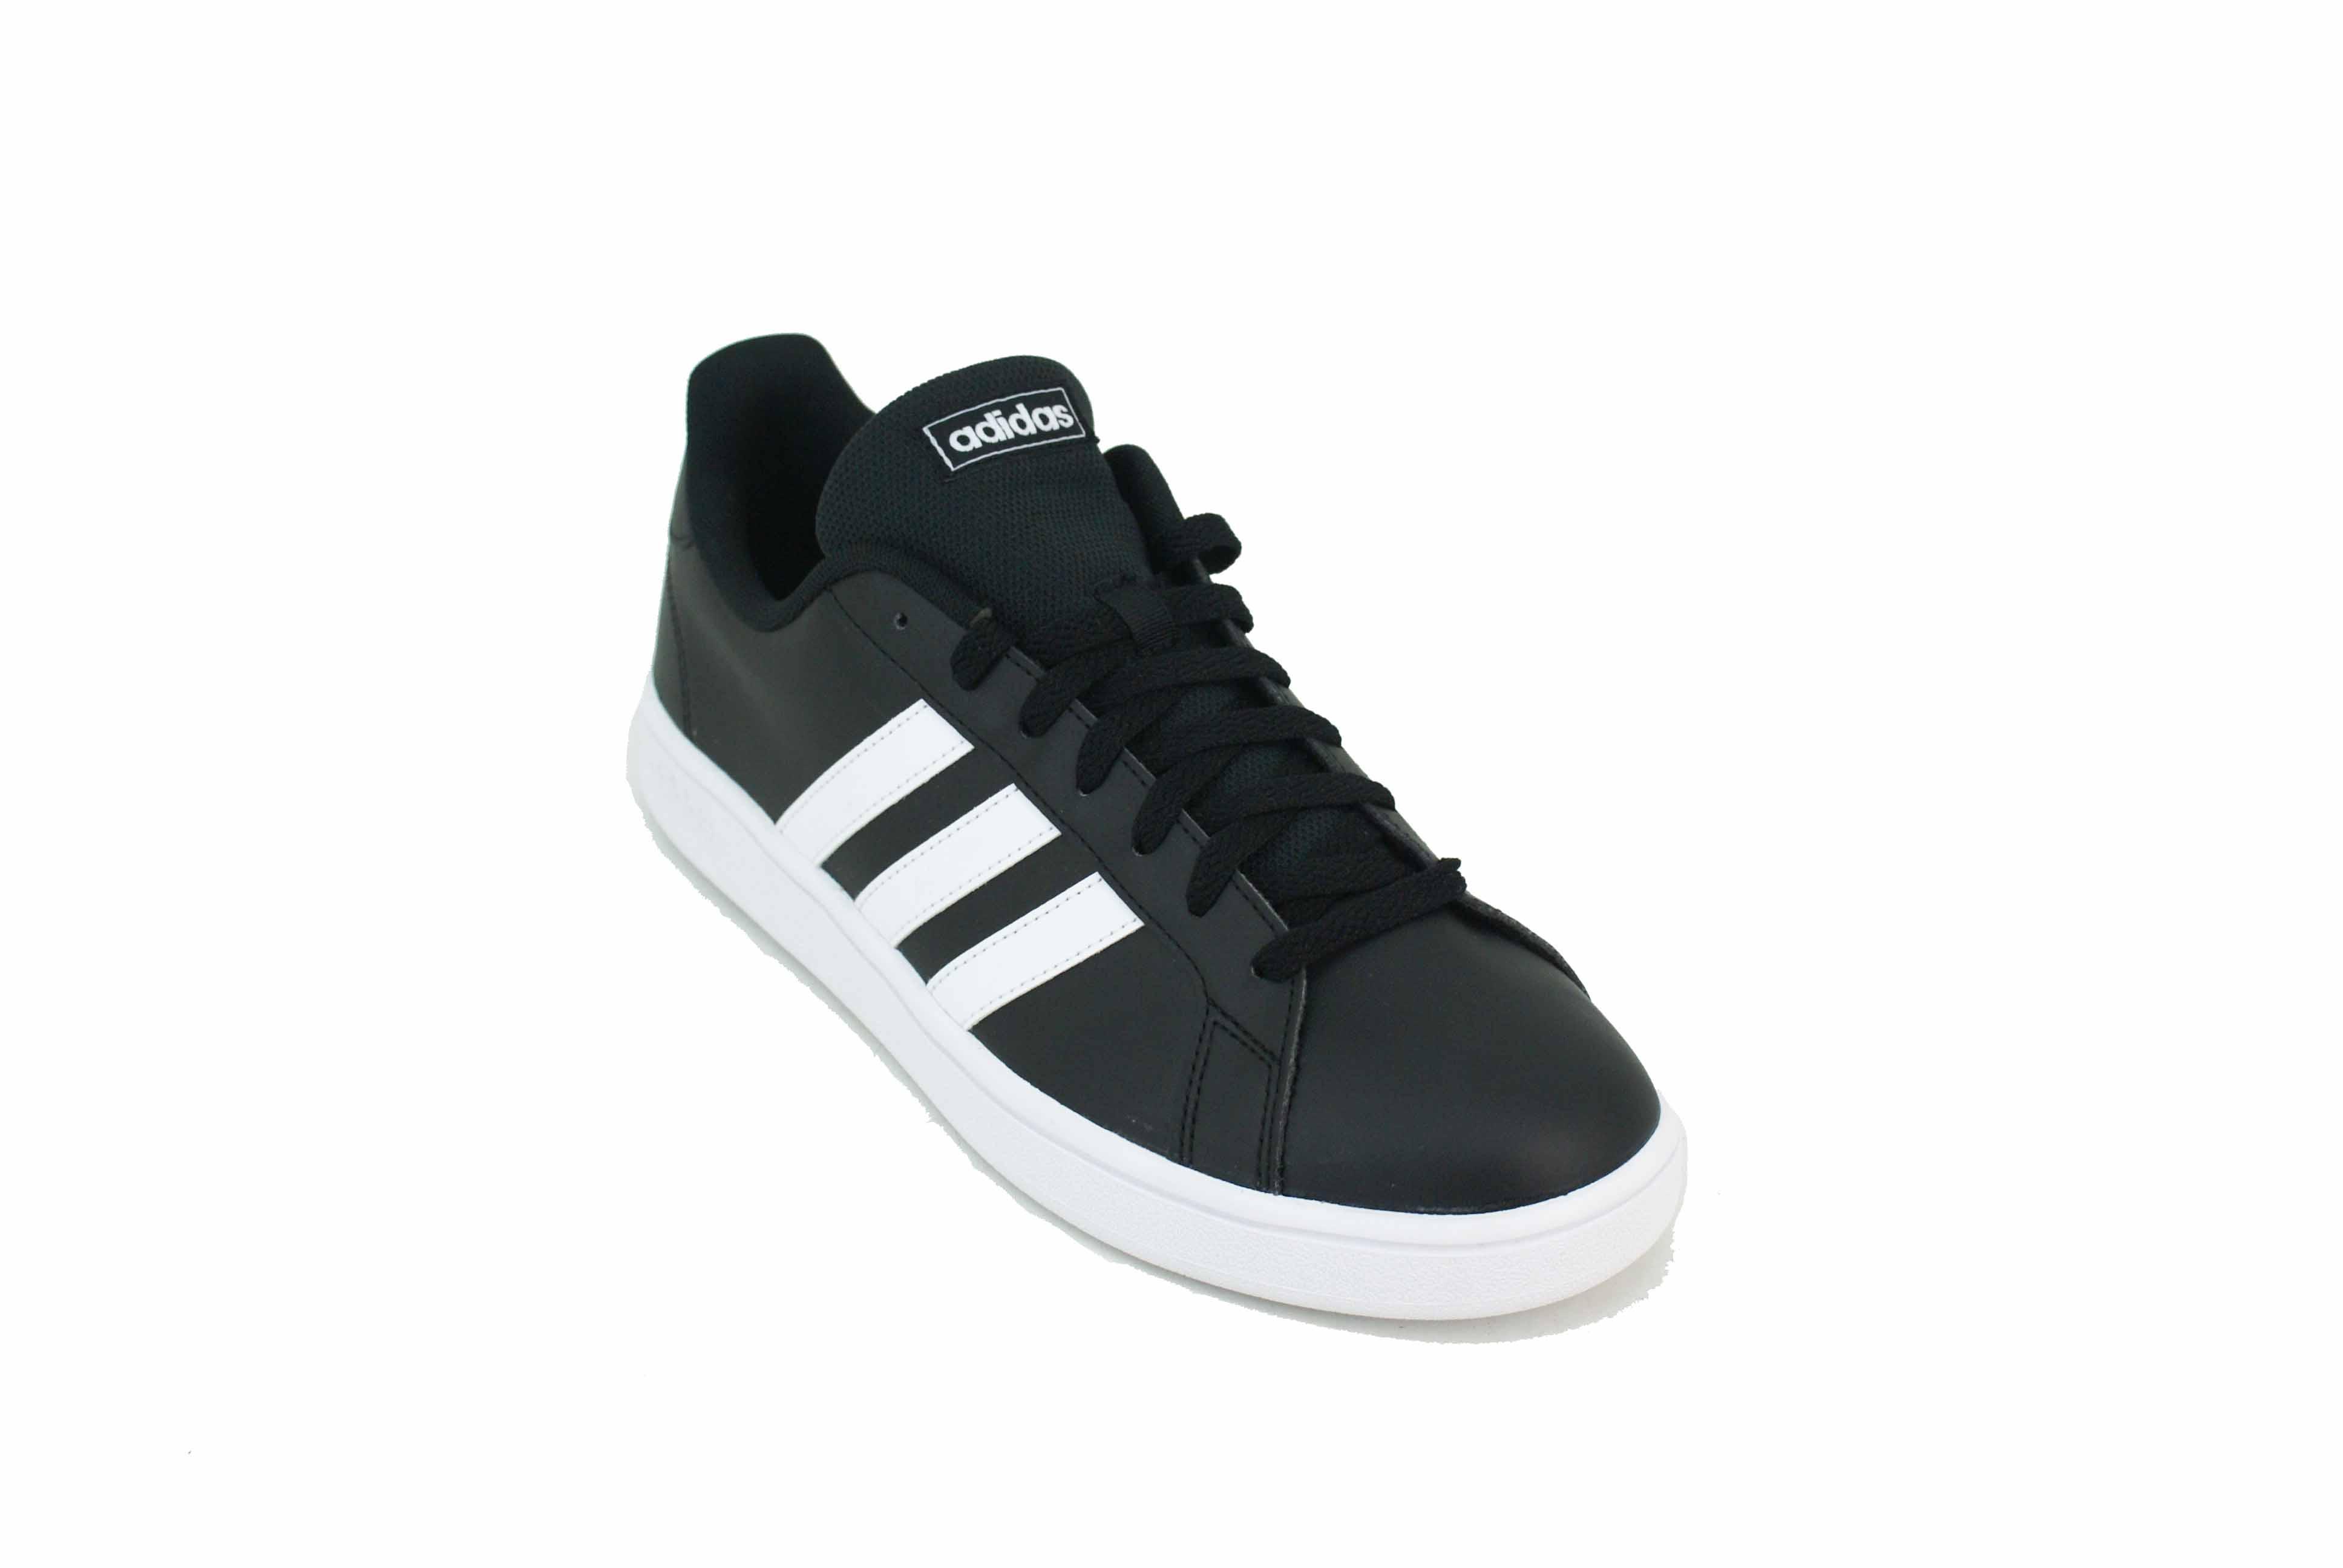 venta online nueva selección oferta Zapatilla Adidas Grand Court Base Negro Hombre - Zapatillas - E-Shop